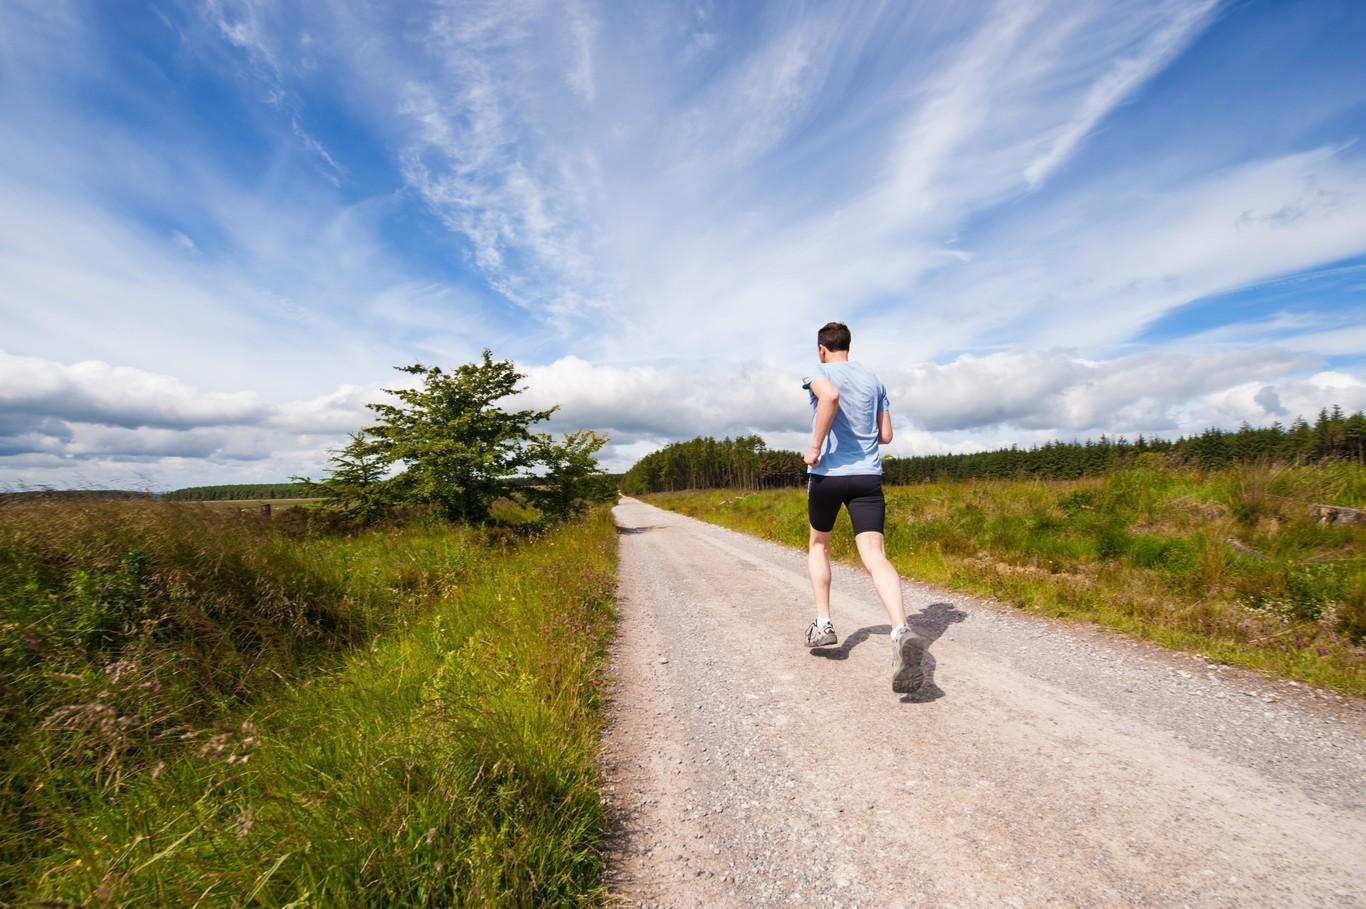 adelgazar corriendo 20 minutos usar